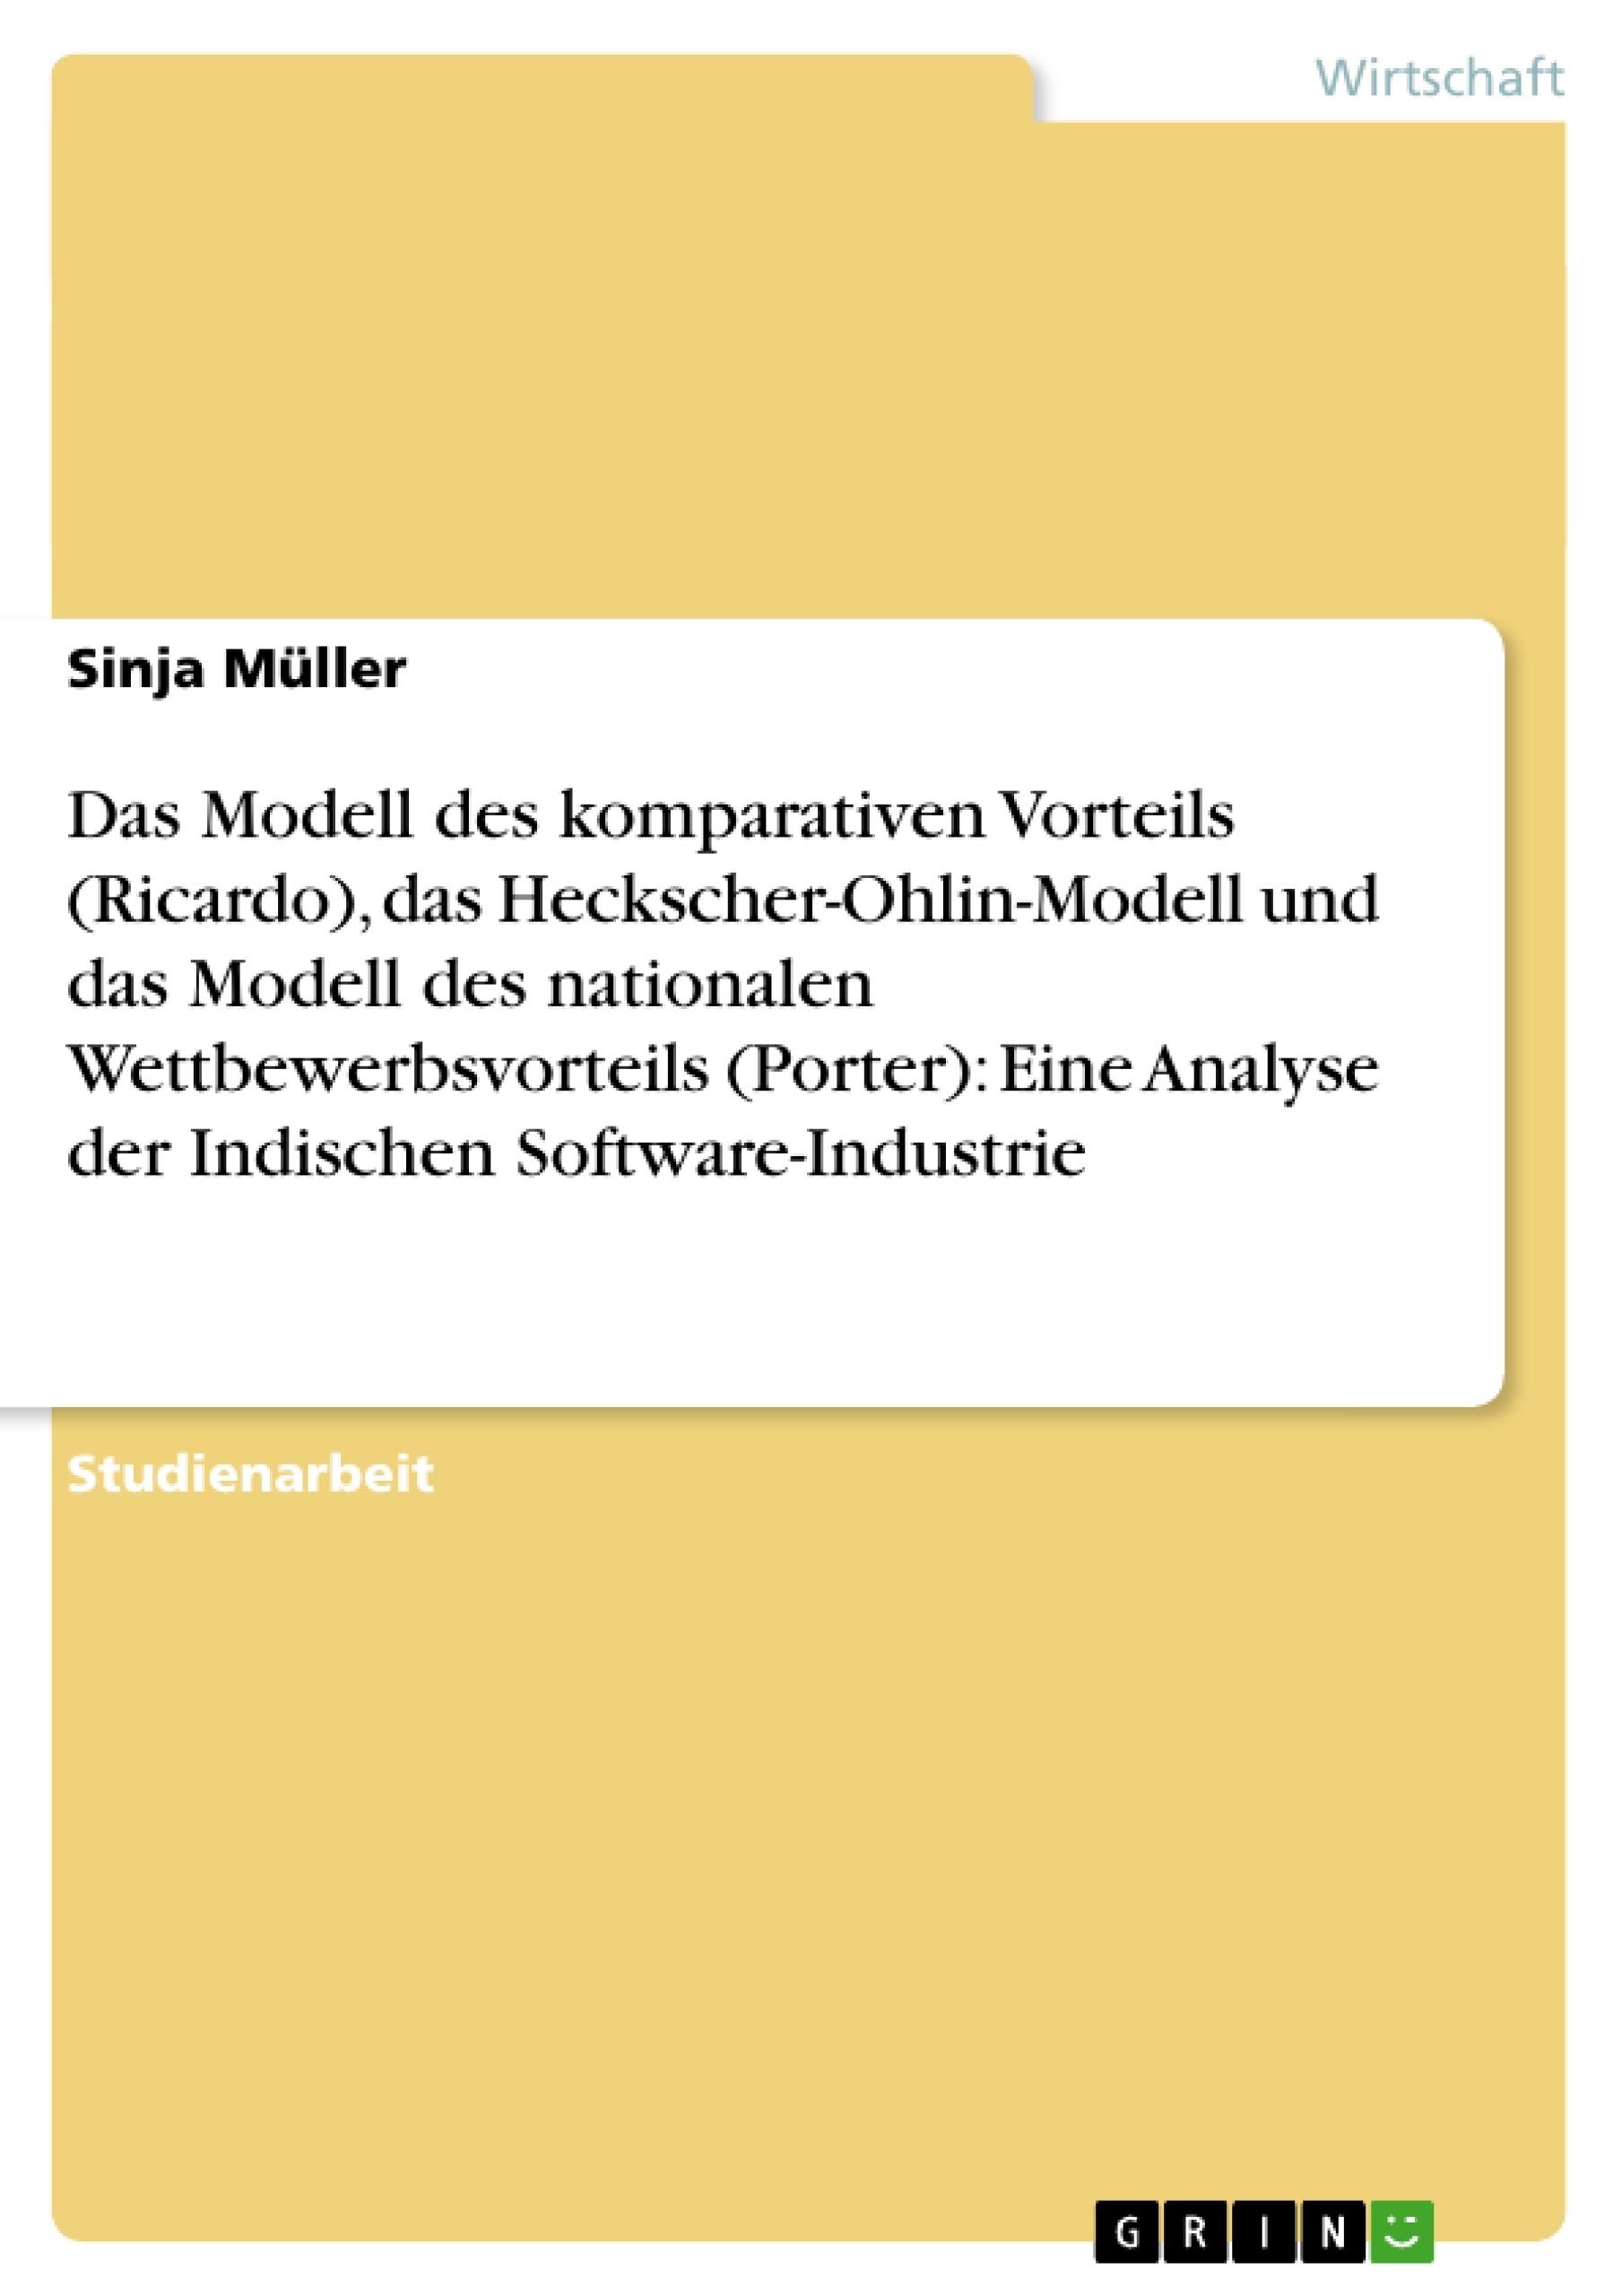 Titel: Das Modell des komparativen Vorteils (Ricardo), das Heckscher-Ohlin-Modell und das Modell des nationalen Wettbewerbsvorteils (Porter): Eine Analyse der Indischen Software-Industrie